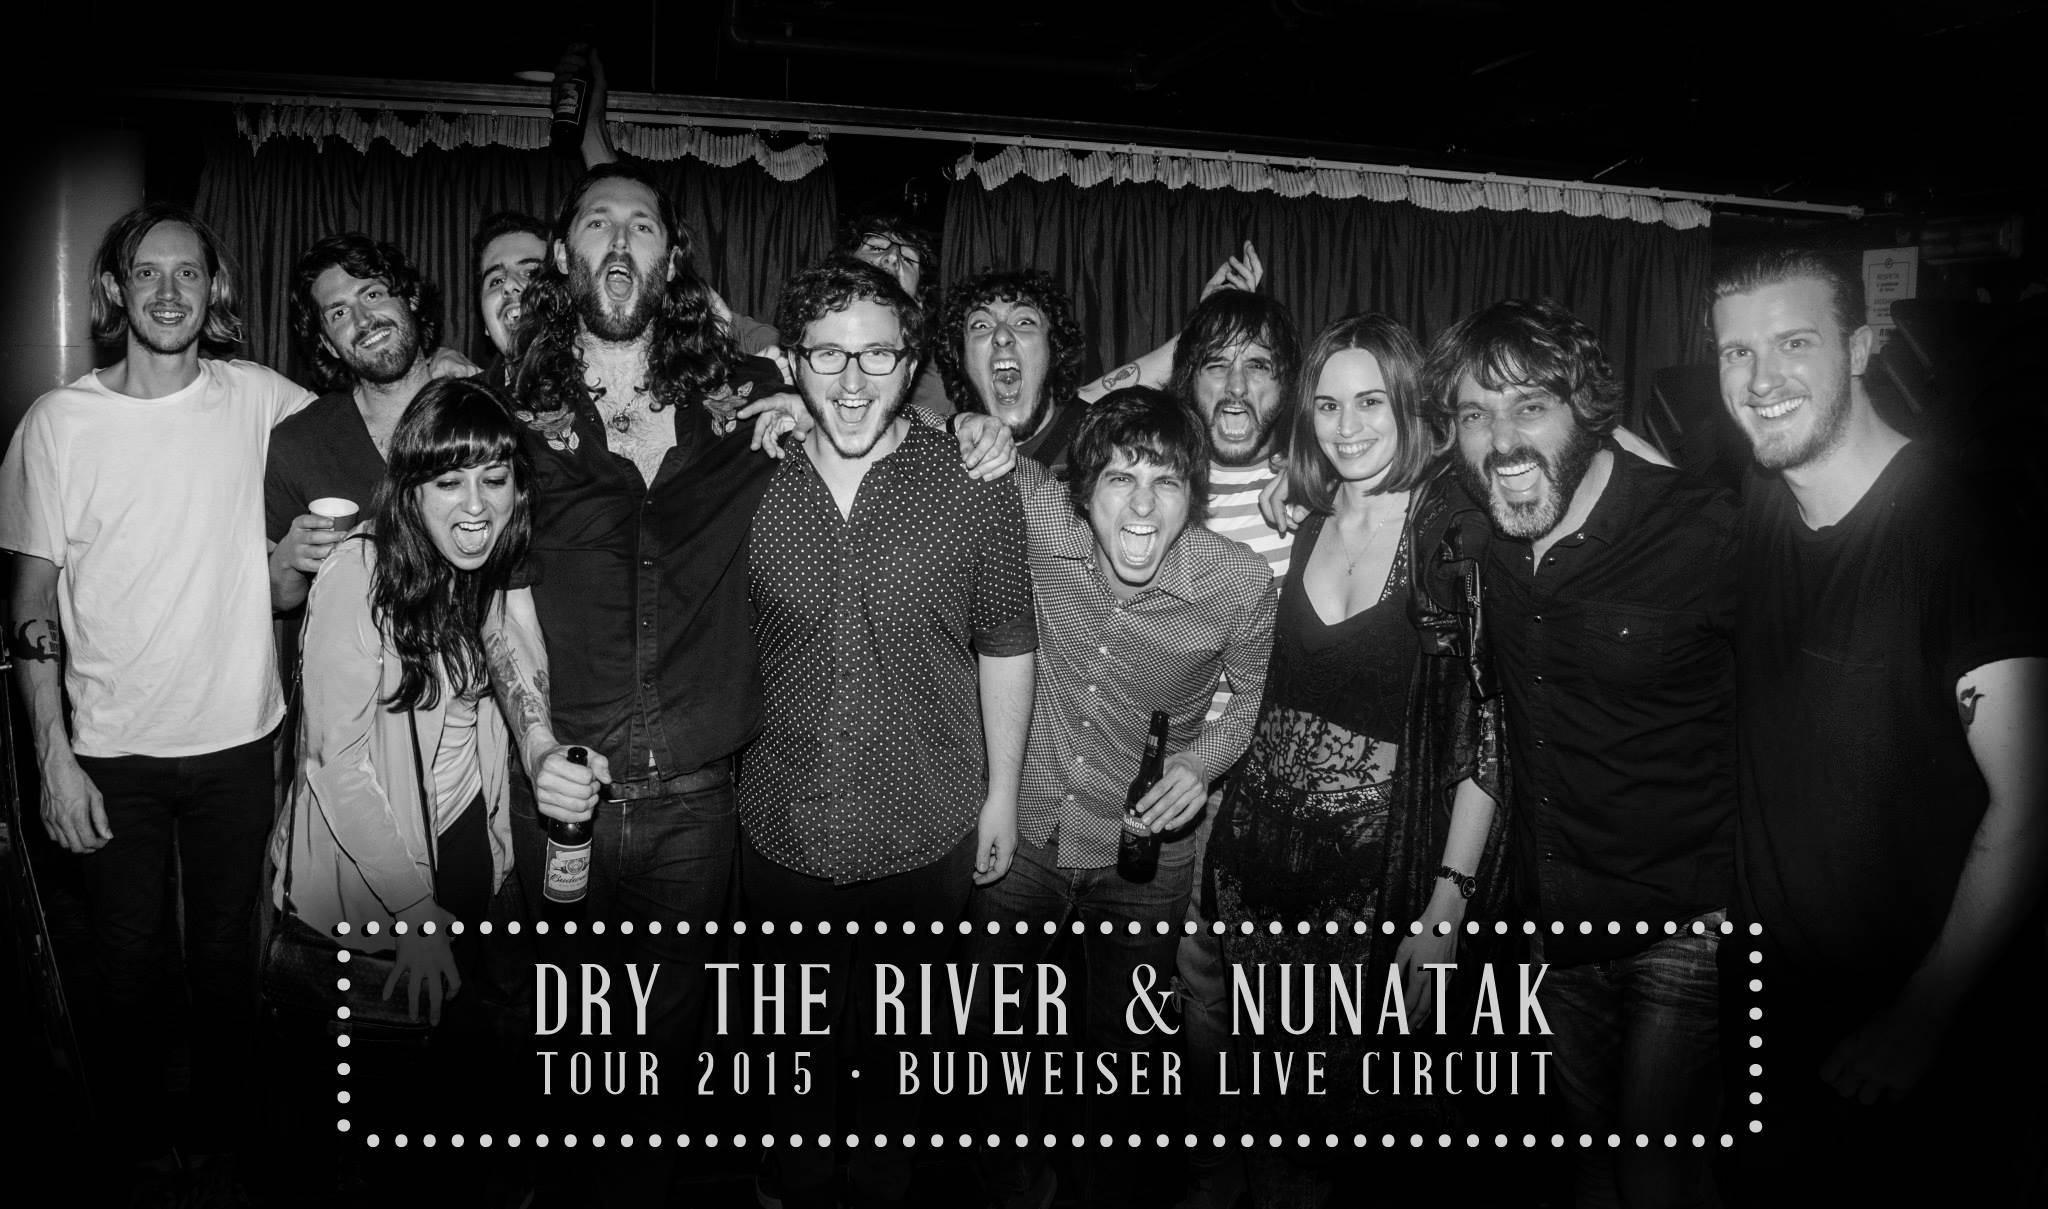 dry-the-river-y-nunatak